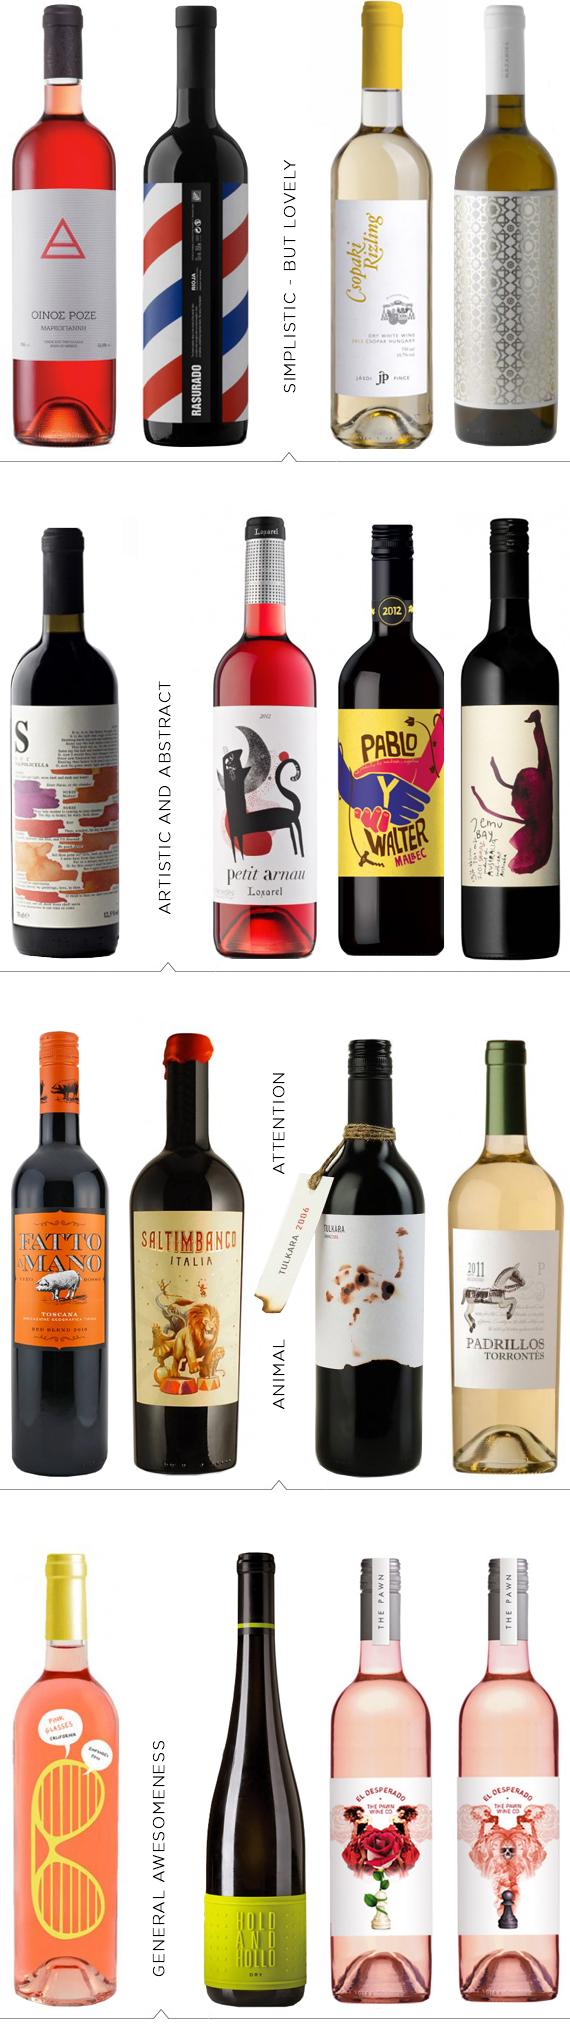 APOT_Vmac_Wine